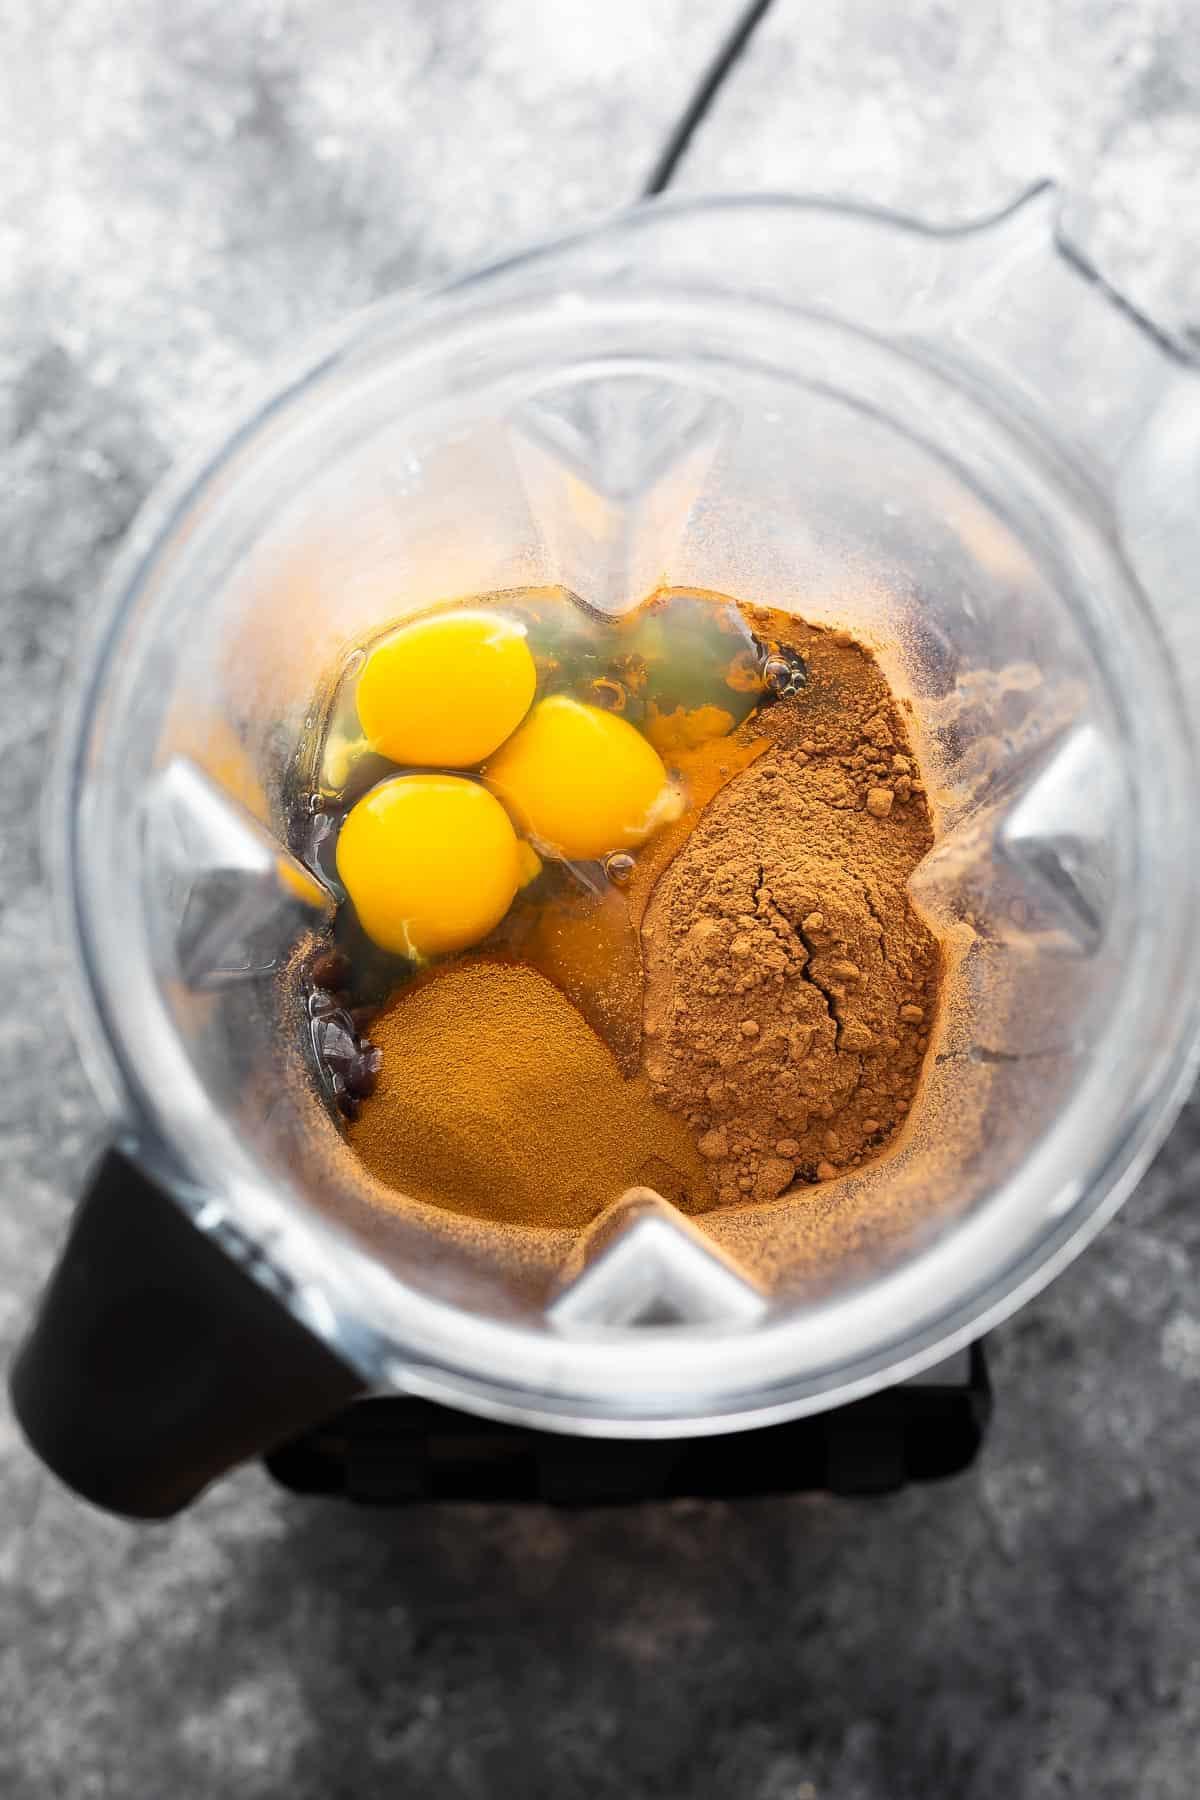 bir karıştırıcıda siyah fasulyeli keklerin bileşenlerinin üstten görünümü (karıştırmadan önce)